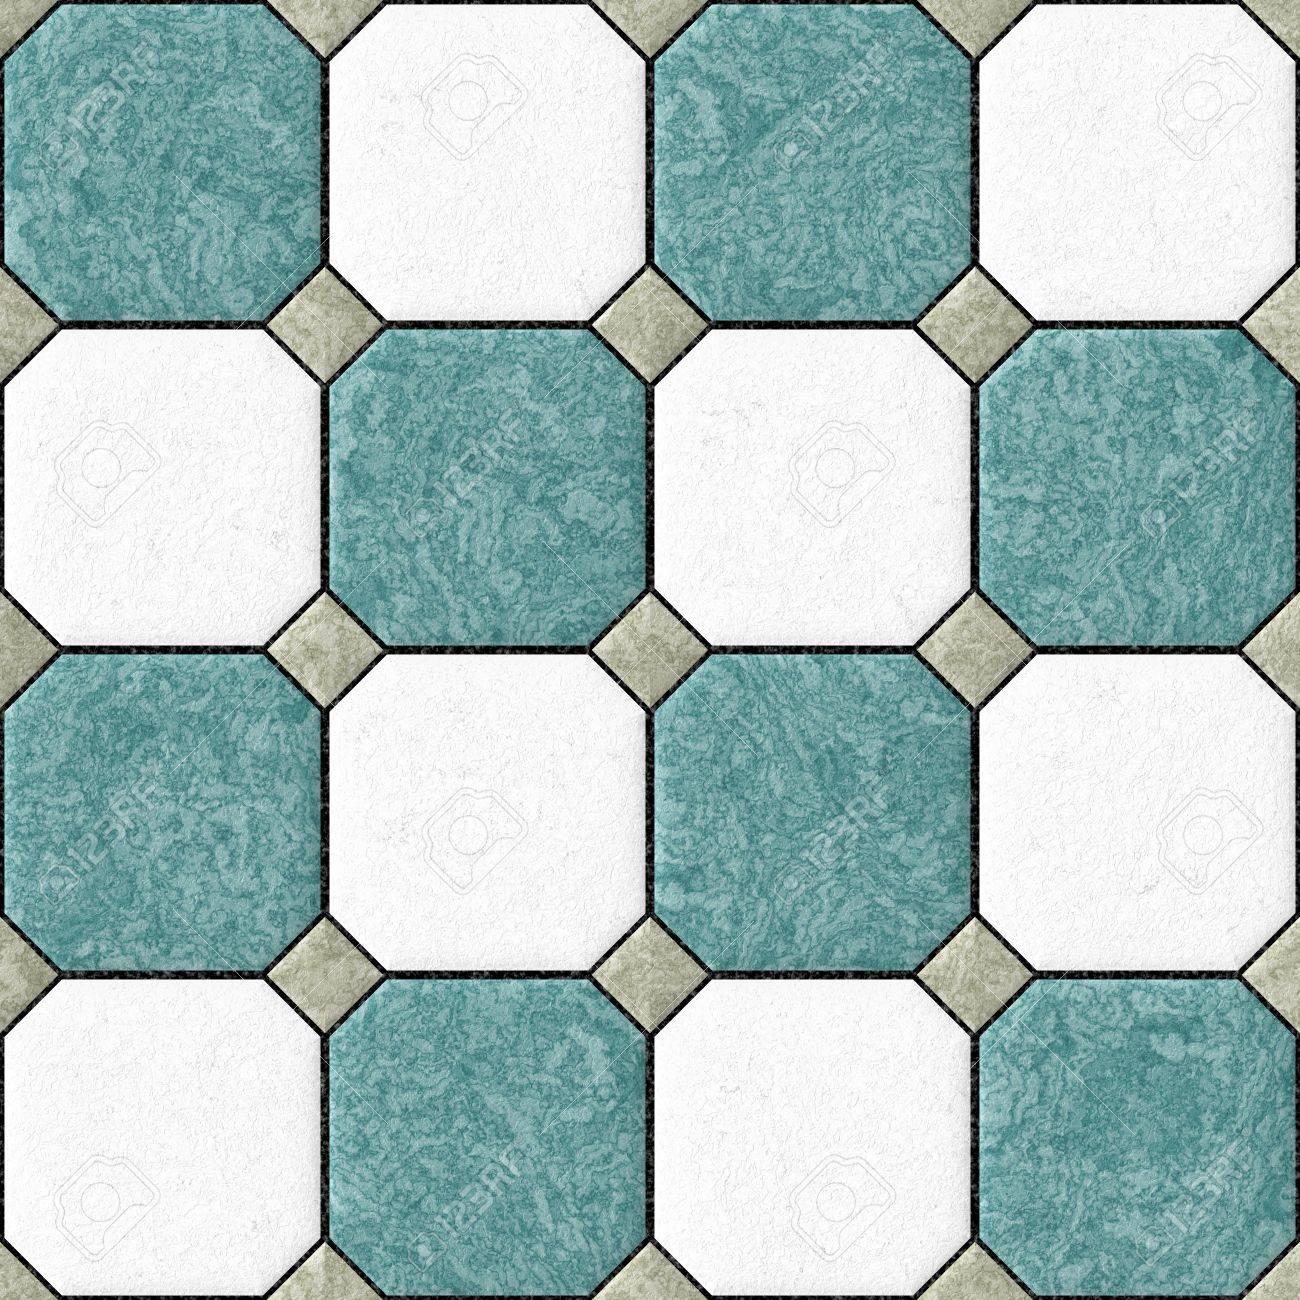 Blau Weiss Grau Bodenfliesen Seamles Muster Textur Hintergrund